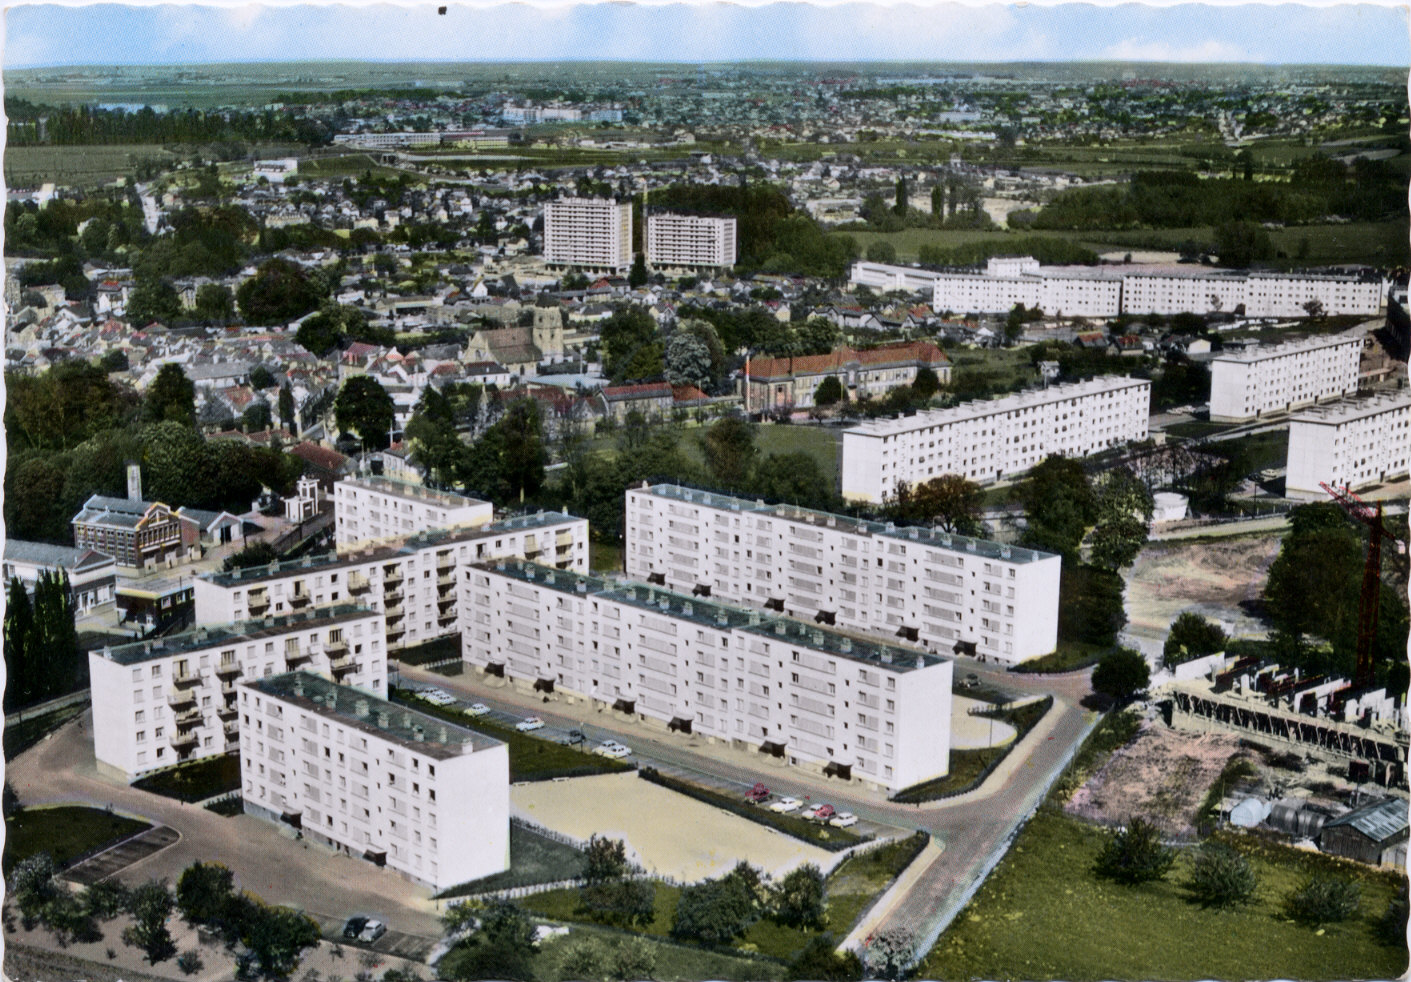 Archive de Longjumeau, vue du ciel